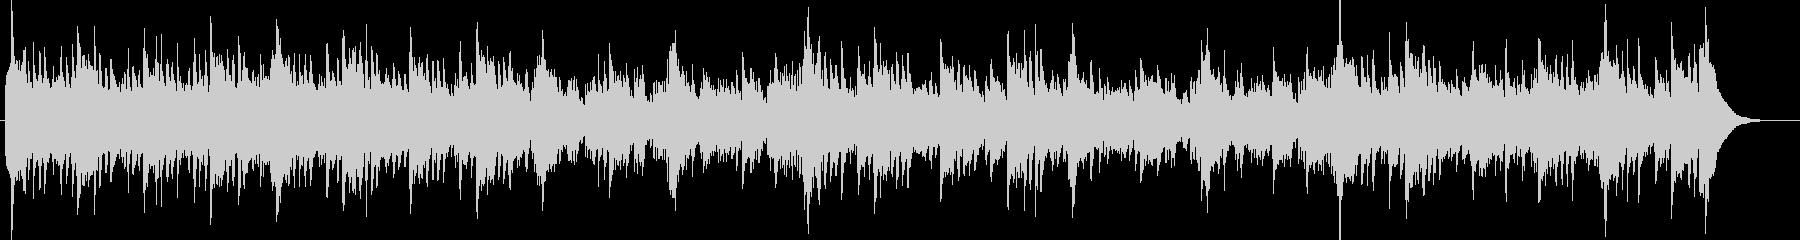 アコギとシタール 60'sラーガフォークの未再生の波形